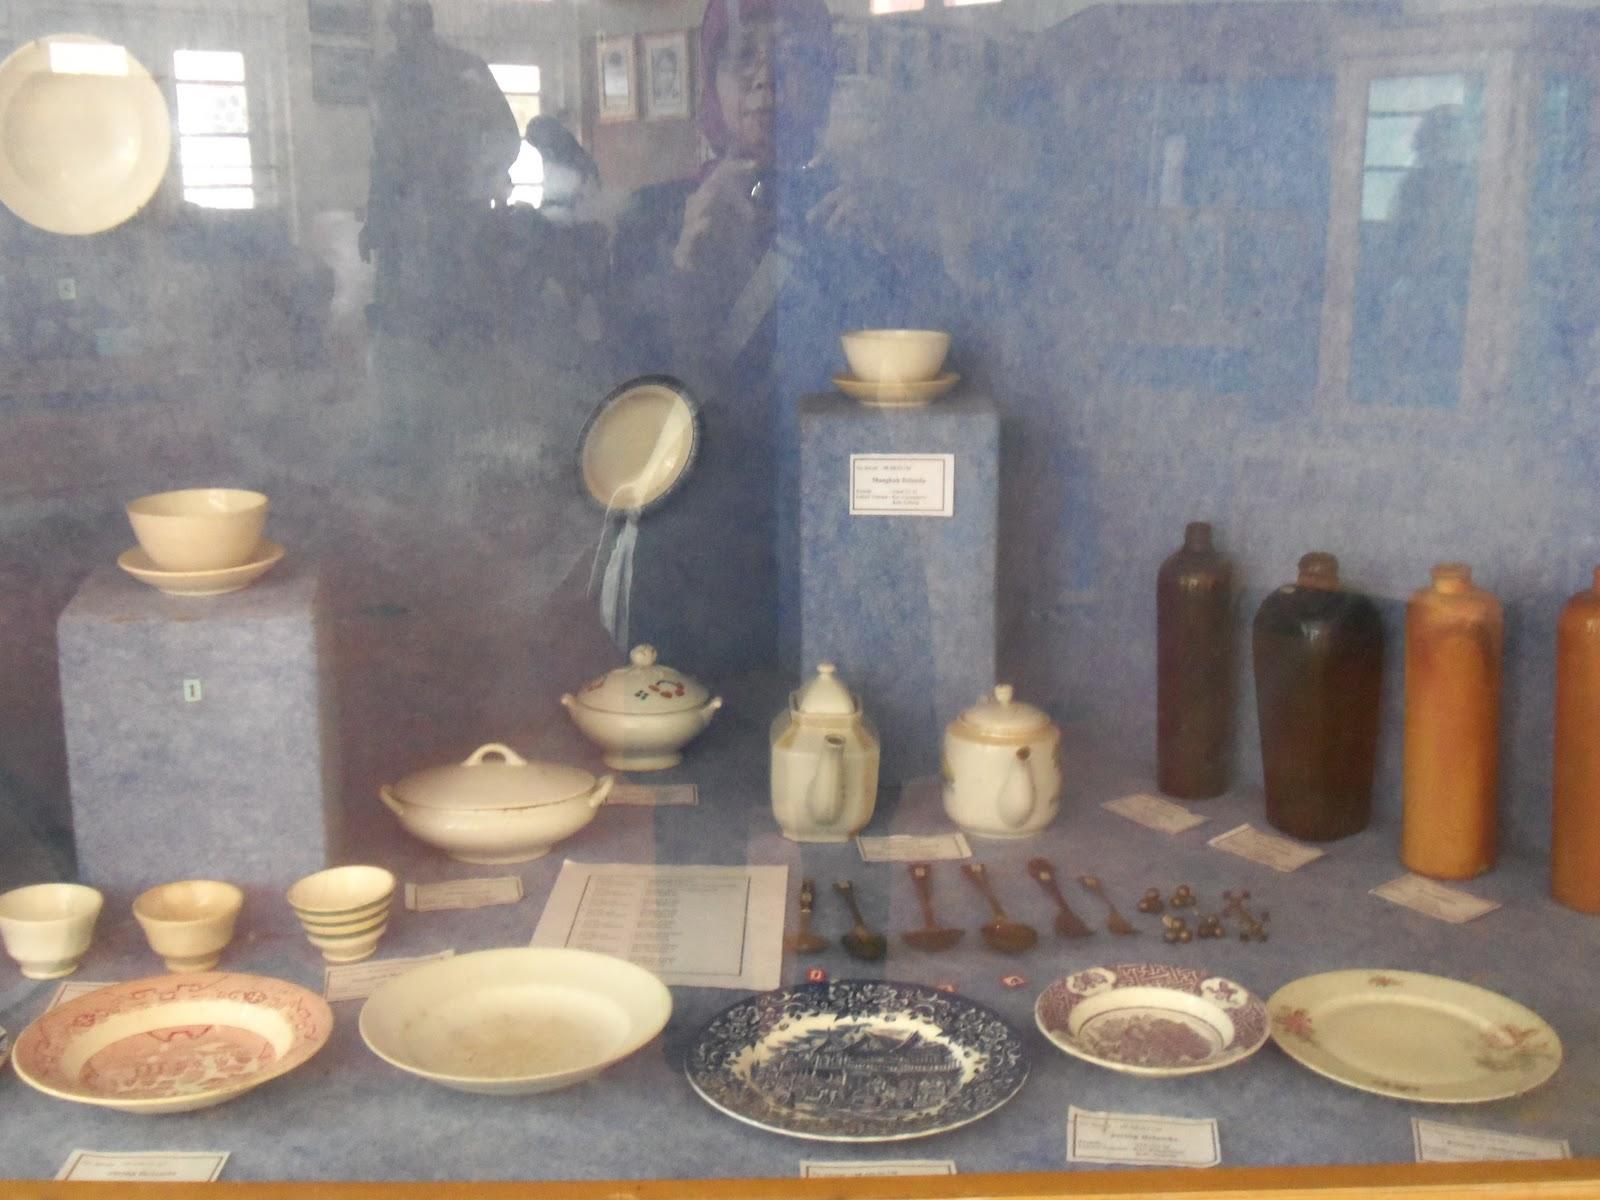 Museum Museumgeologi Laman 2 Padahal Koleksi Cukup Menarik Bersejarah Berbicara